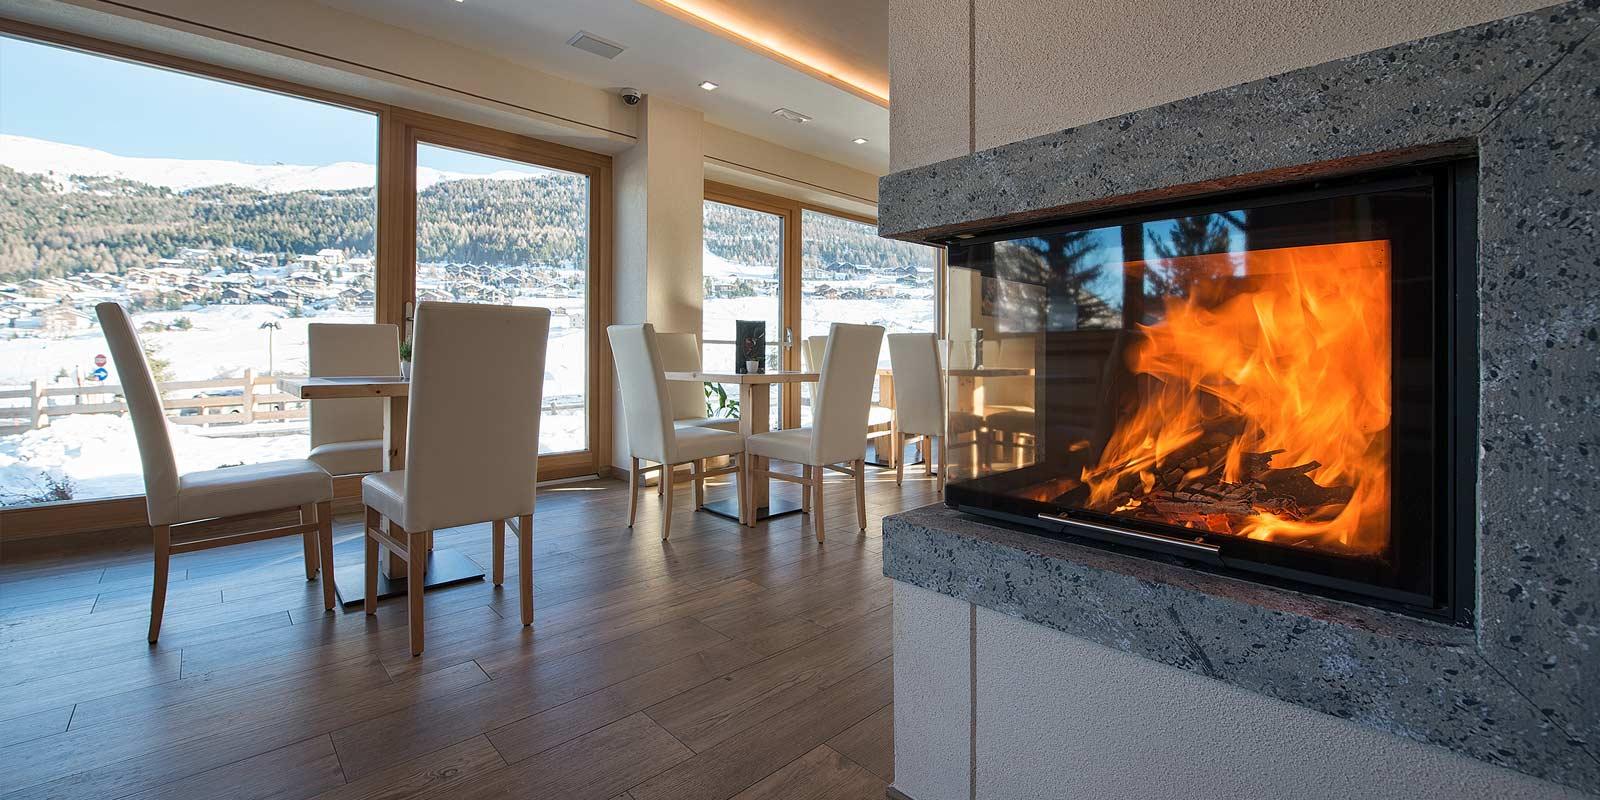 hotel silvestri livigno vacanza foto homepage slide 3